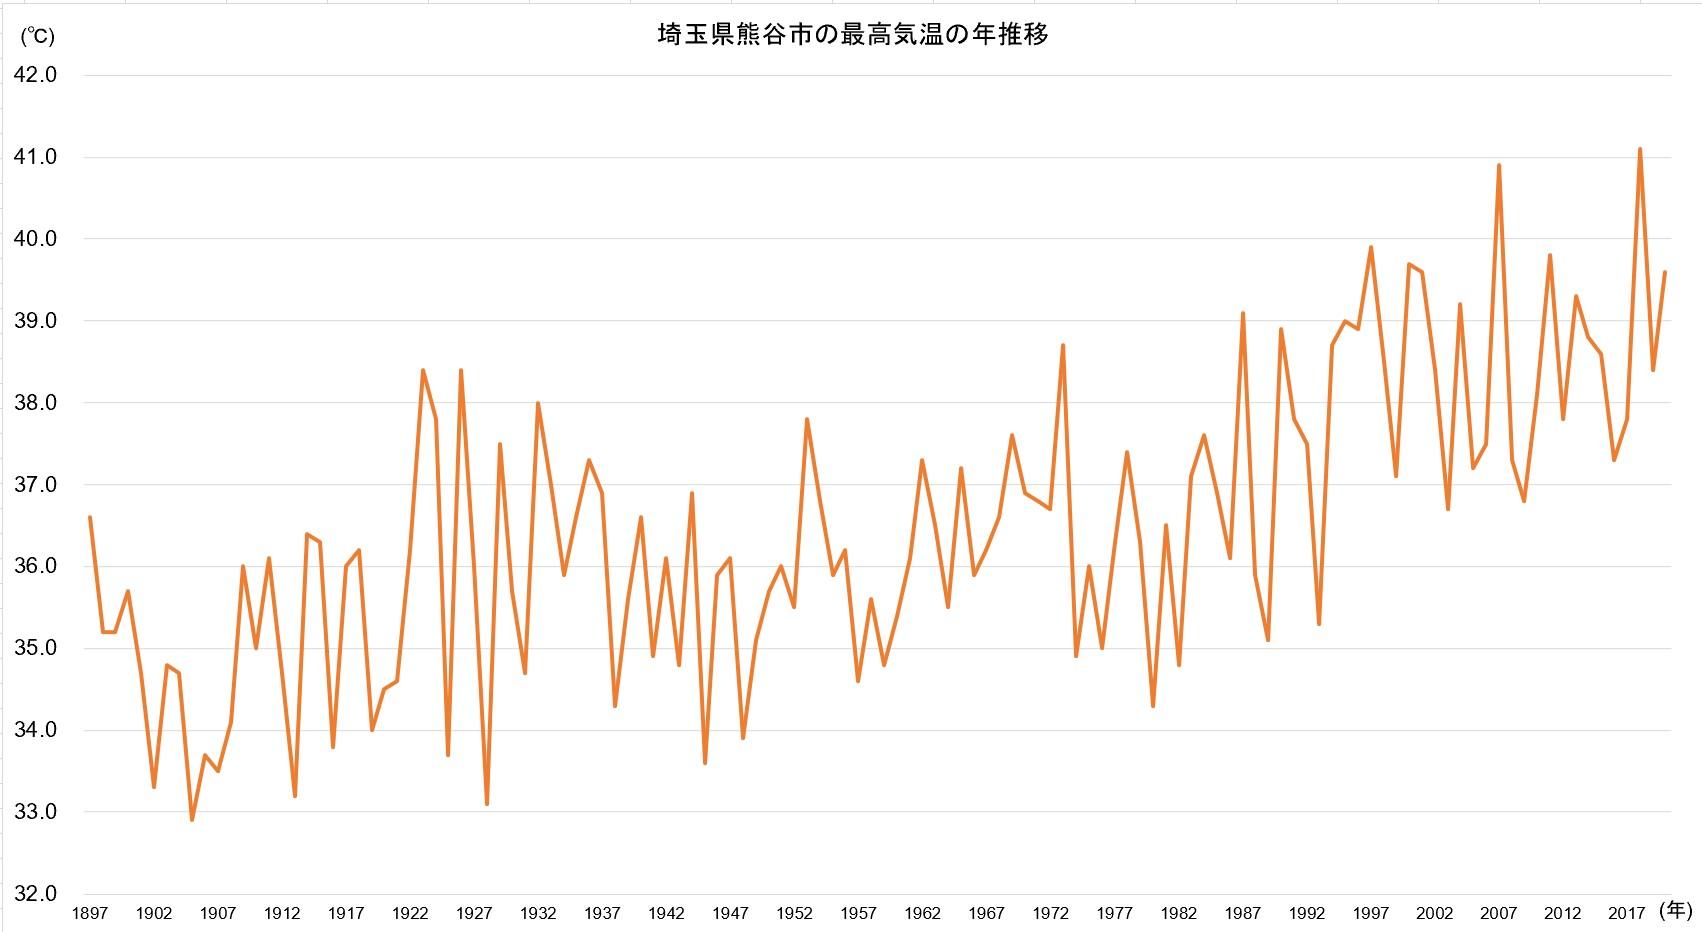 埼玉県熊谷市の最高気温の年推移